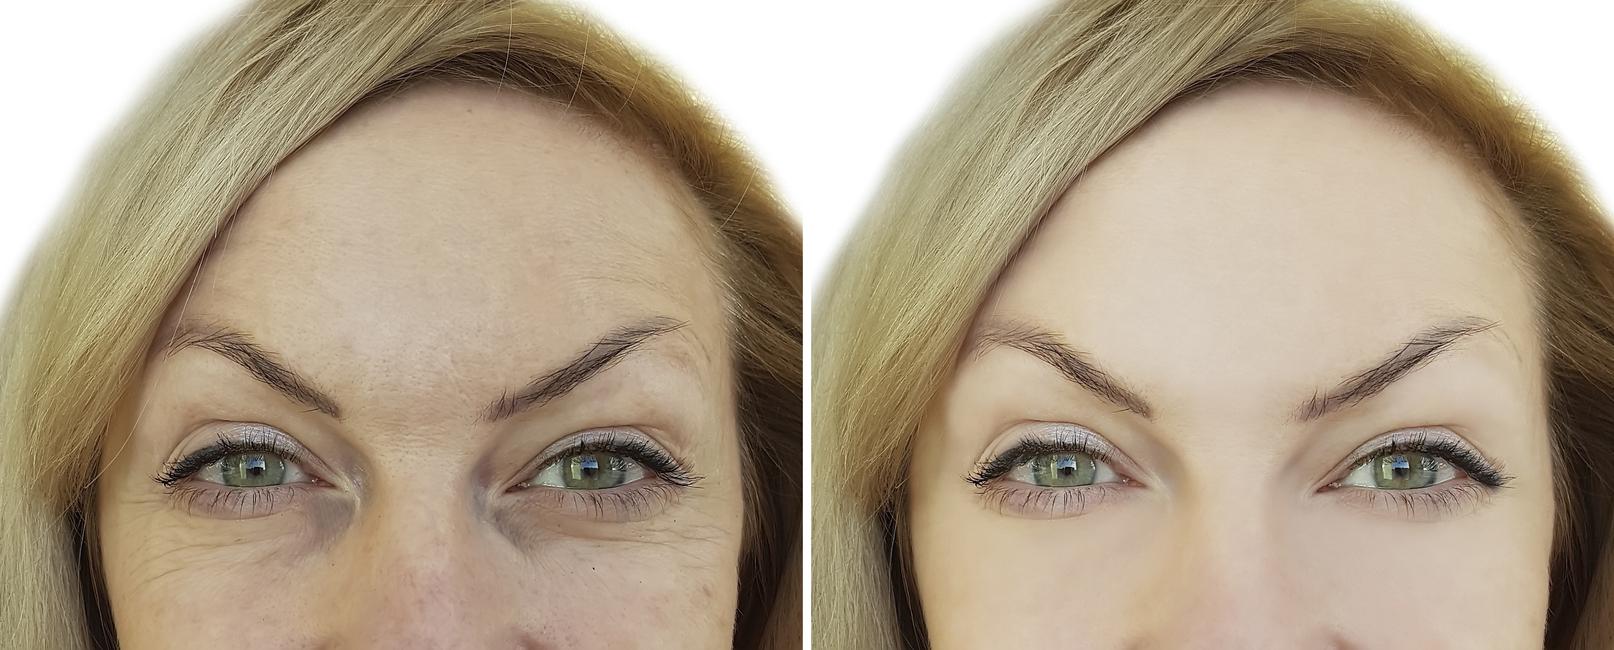 Imagen de mujer antes y después de una blefaroplastia